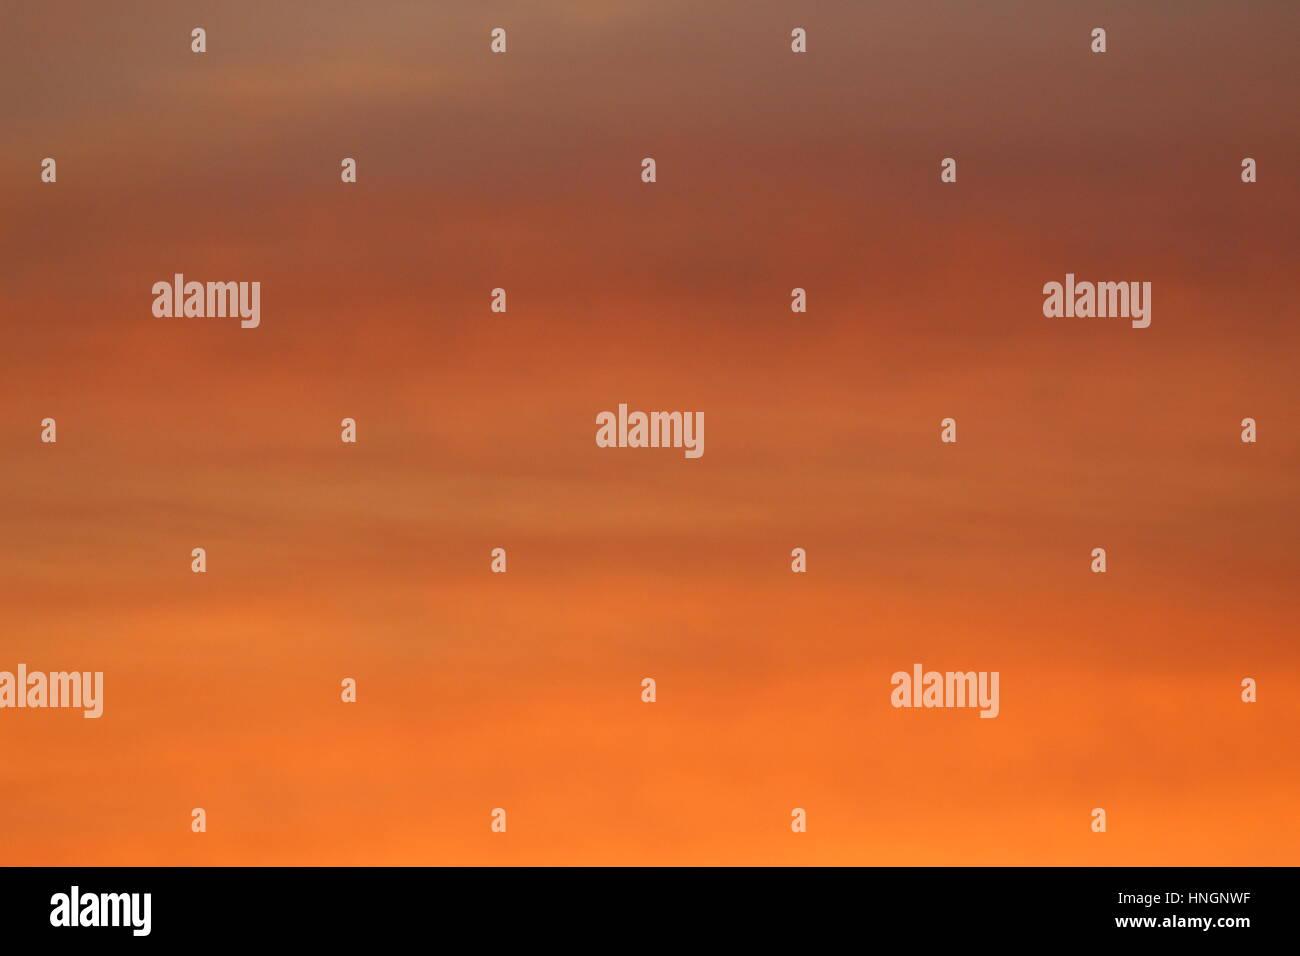 Liscia Arancione Tramonto O Sfondo Presentazione Foto Immagine